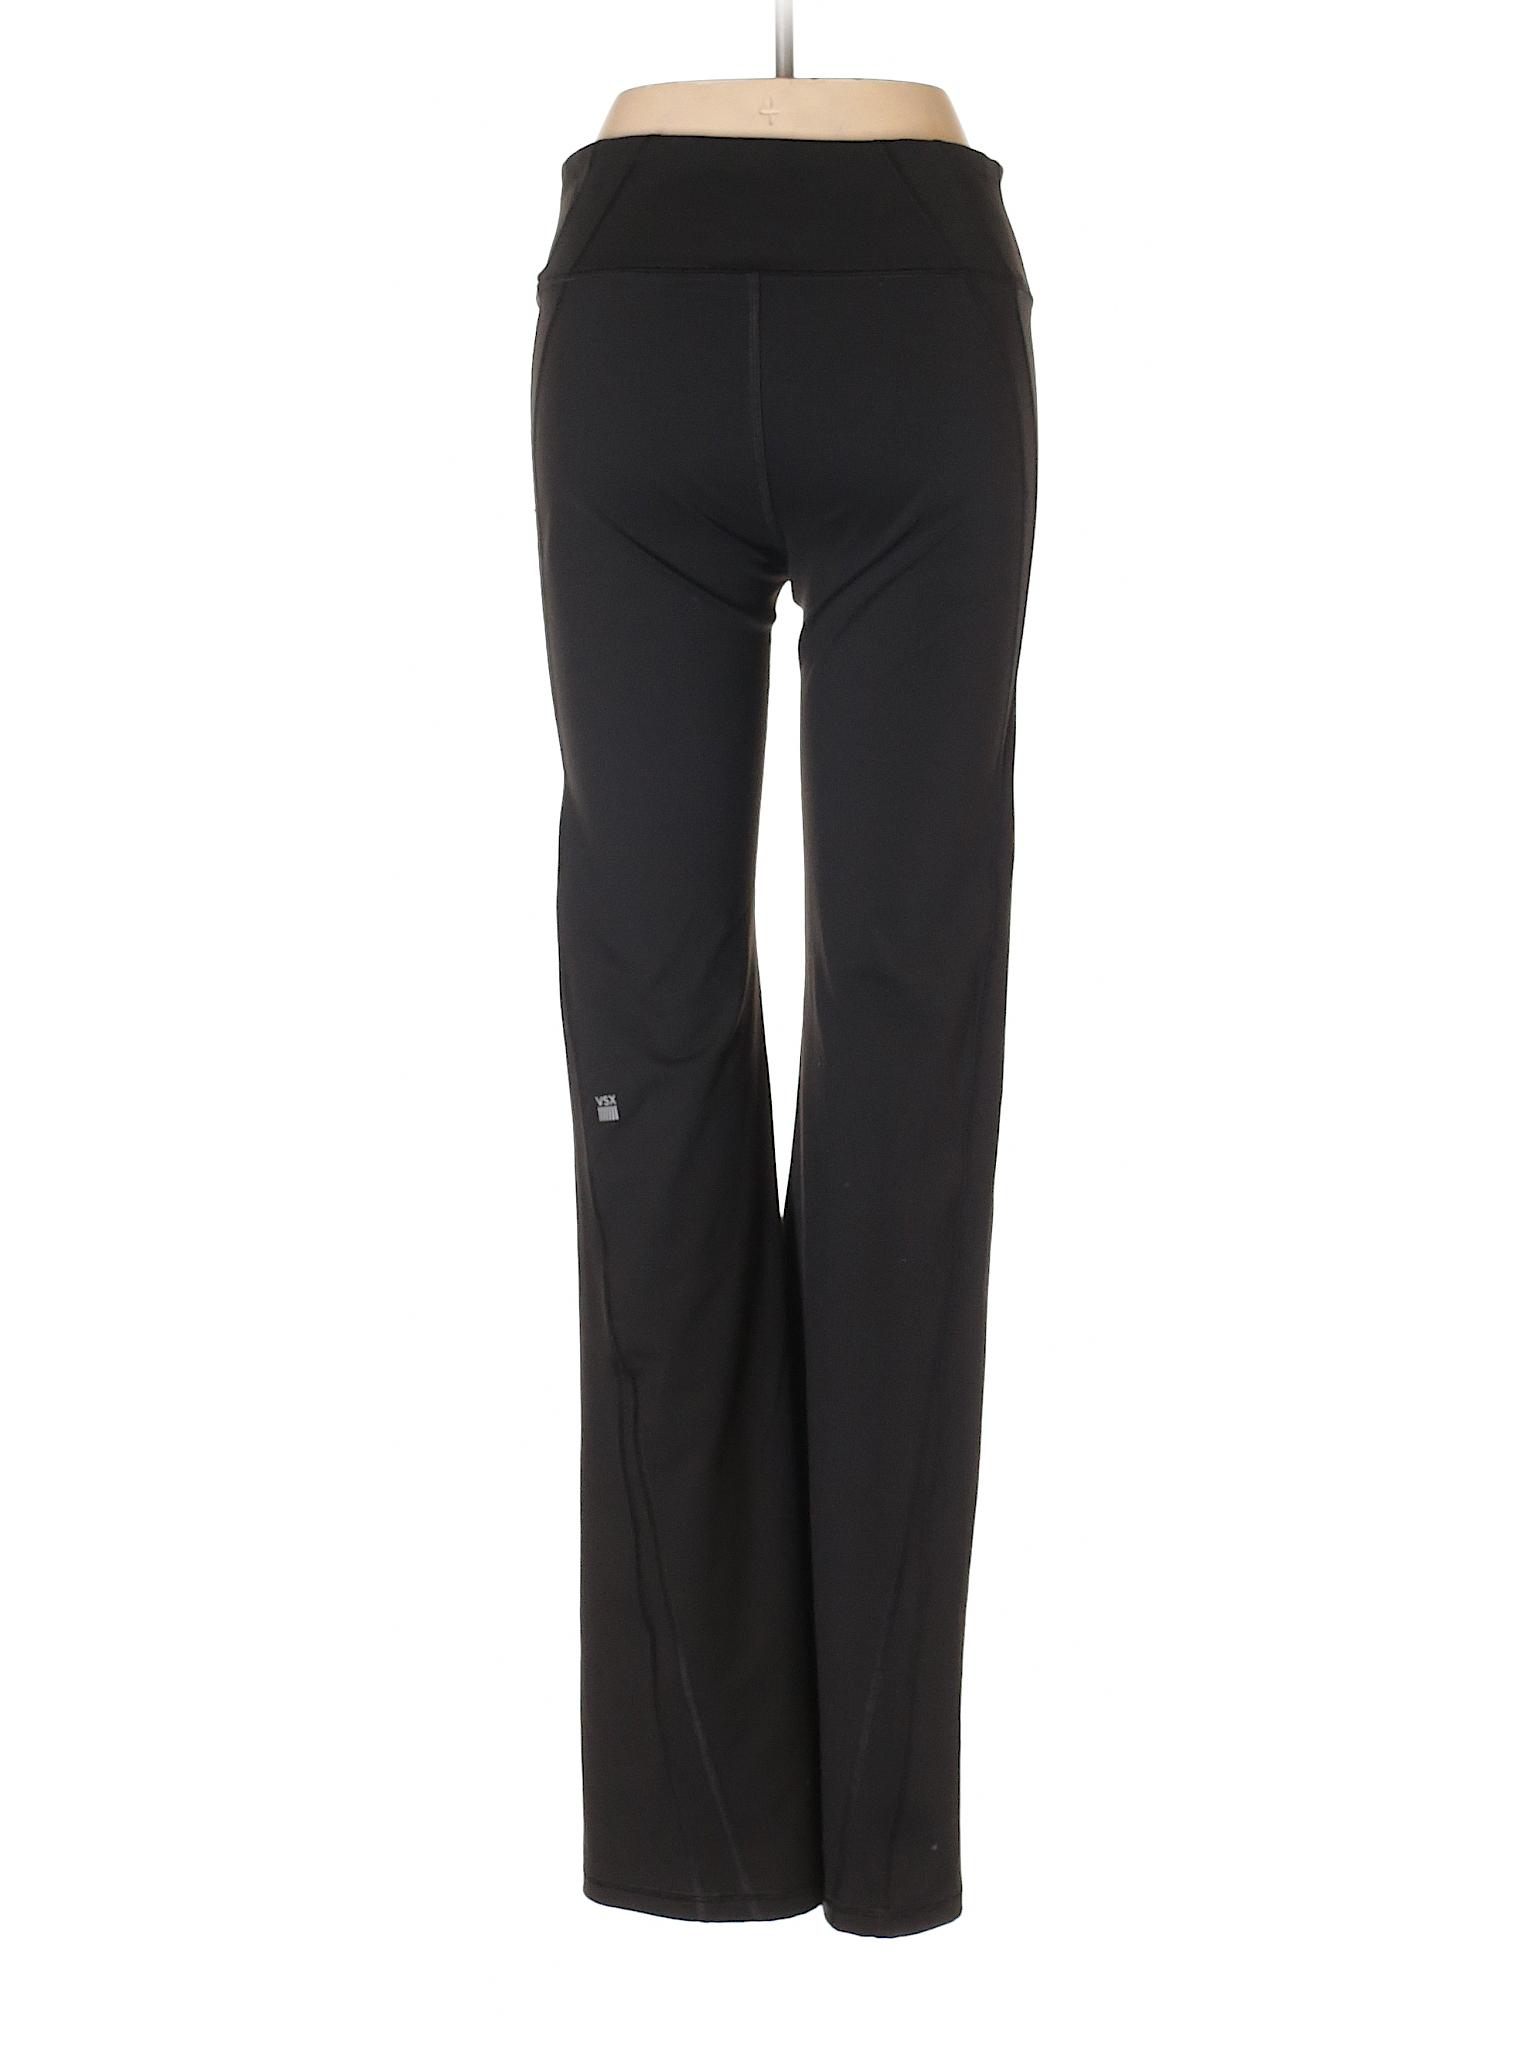 VSX leisure Active Boutique Pants Sport wO7qxRF